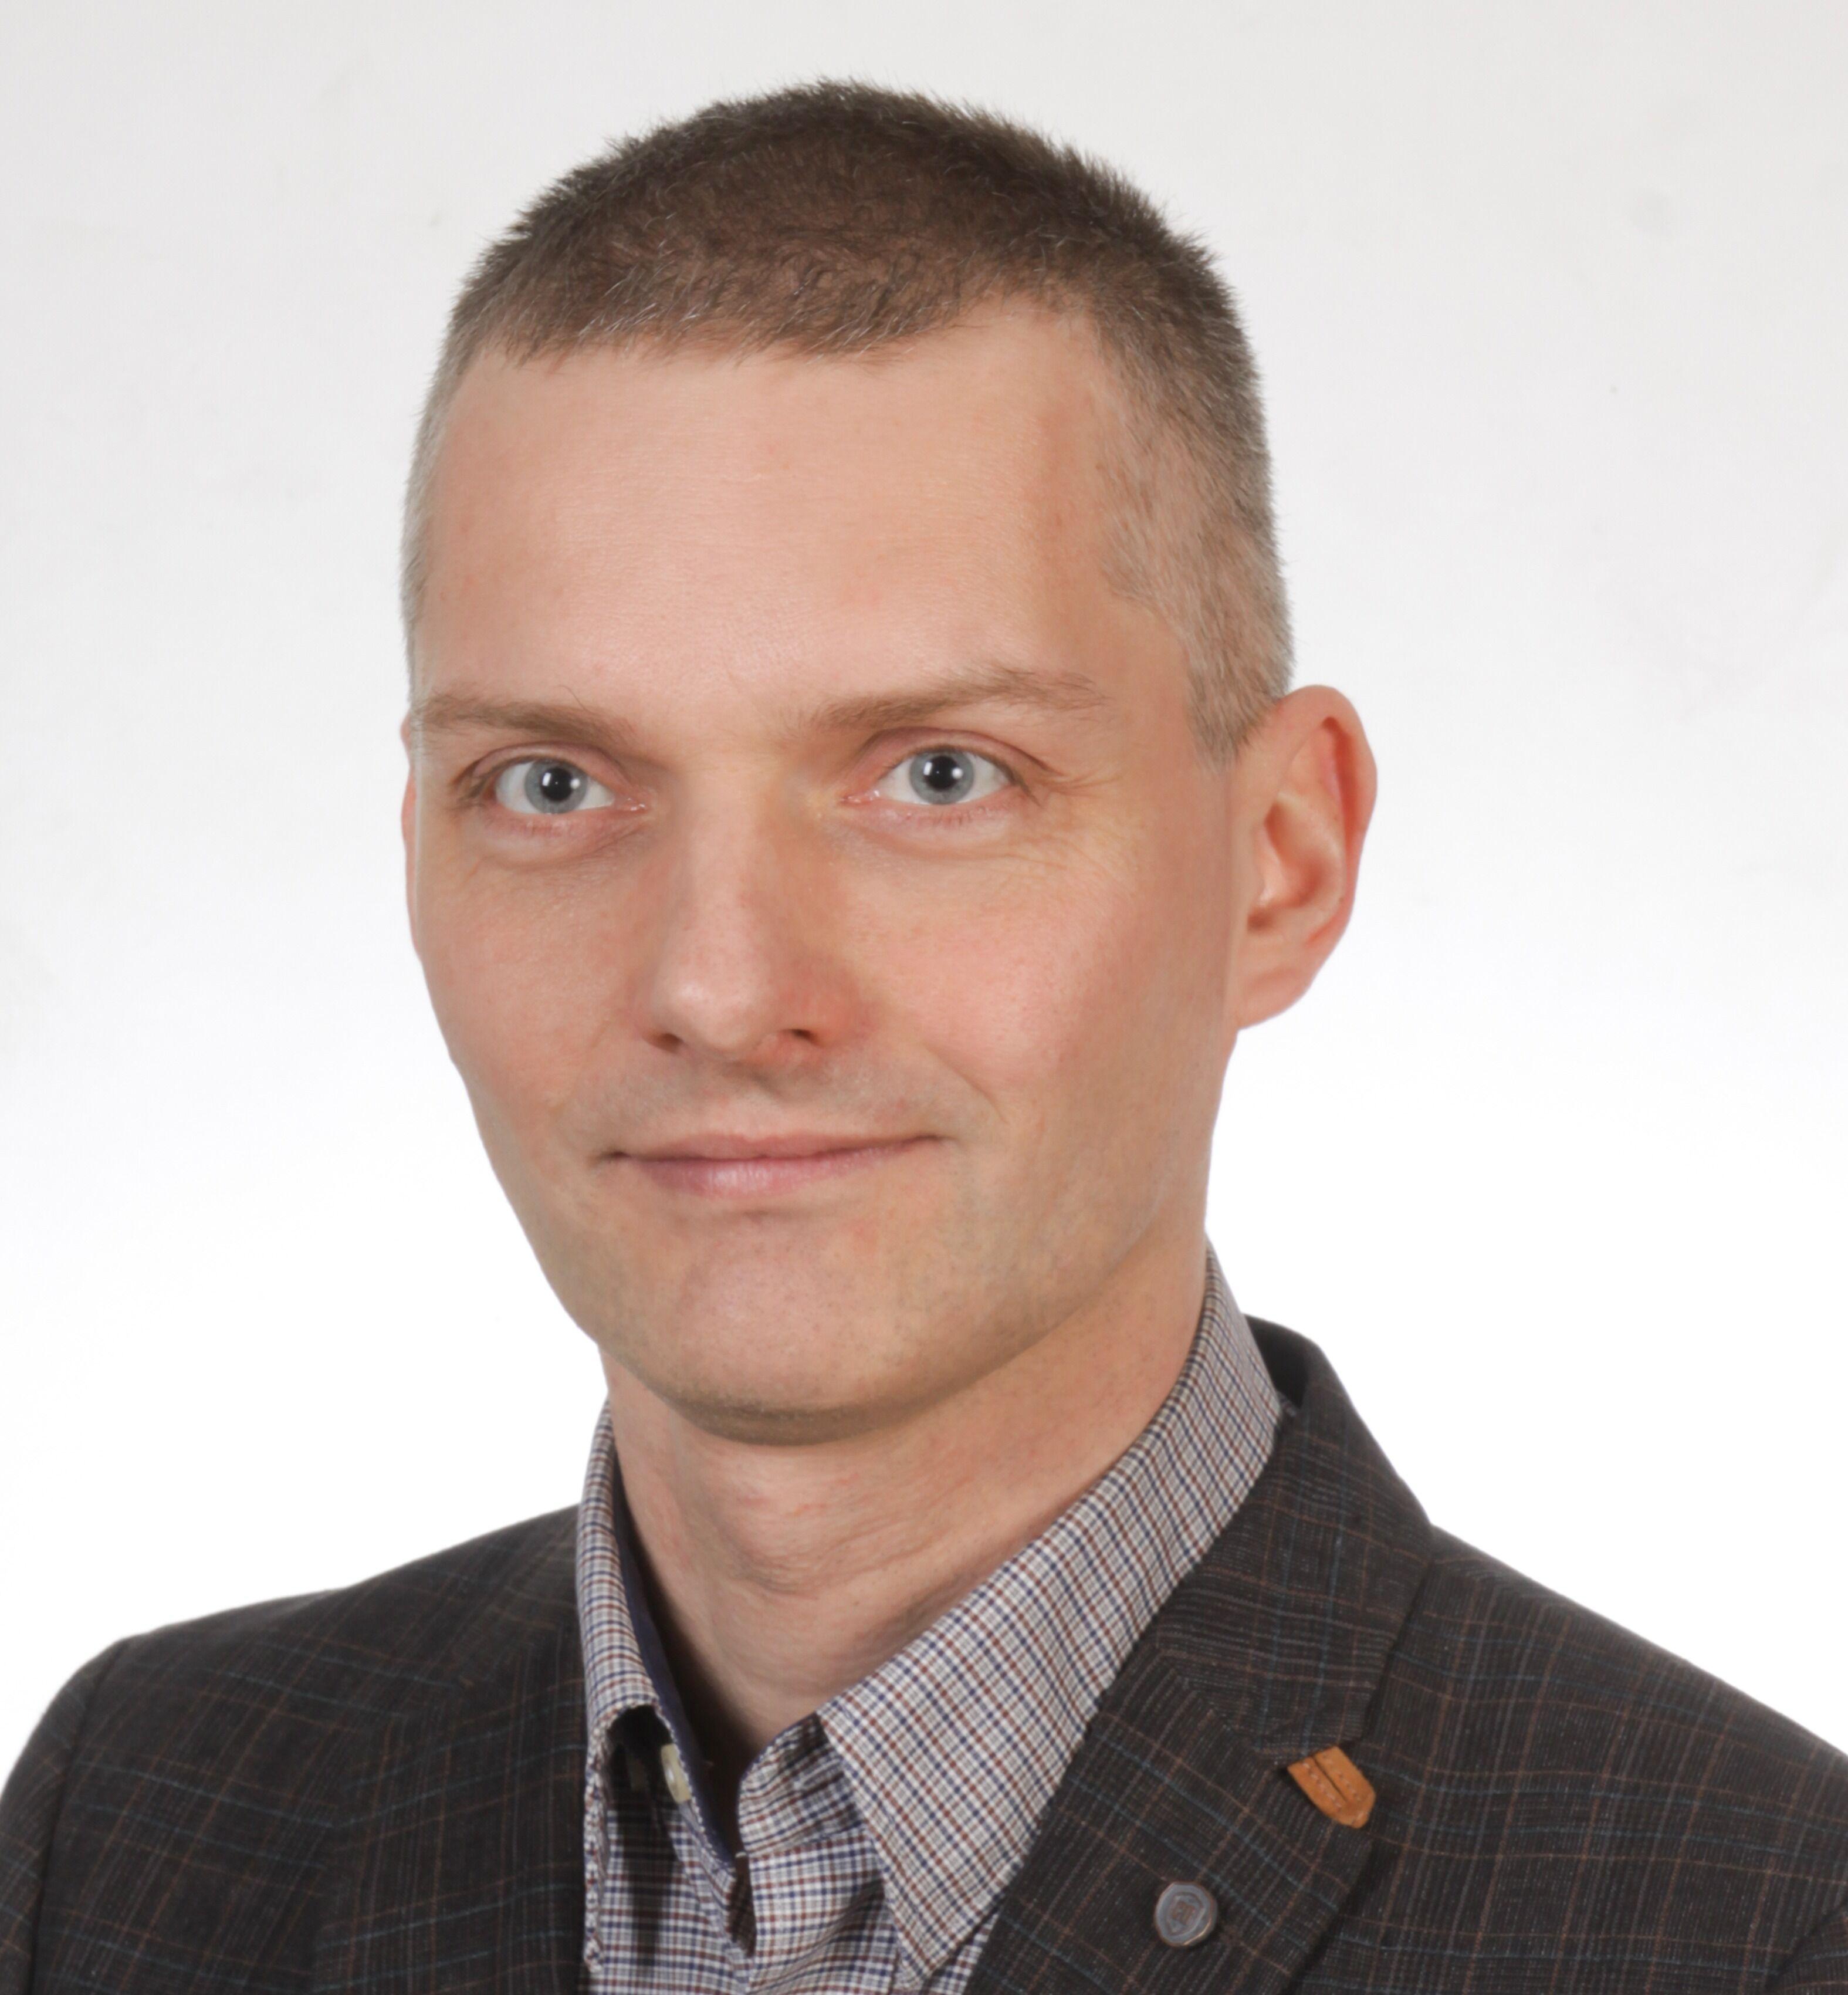 Krzysztof Bończak